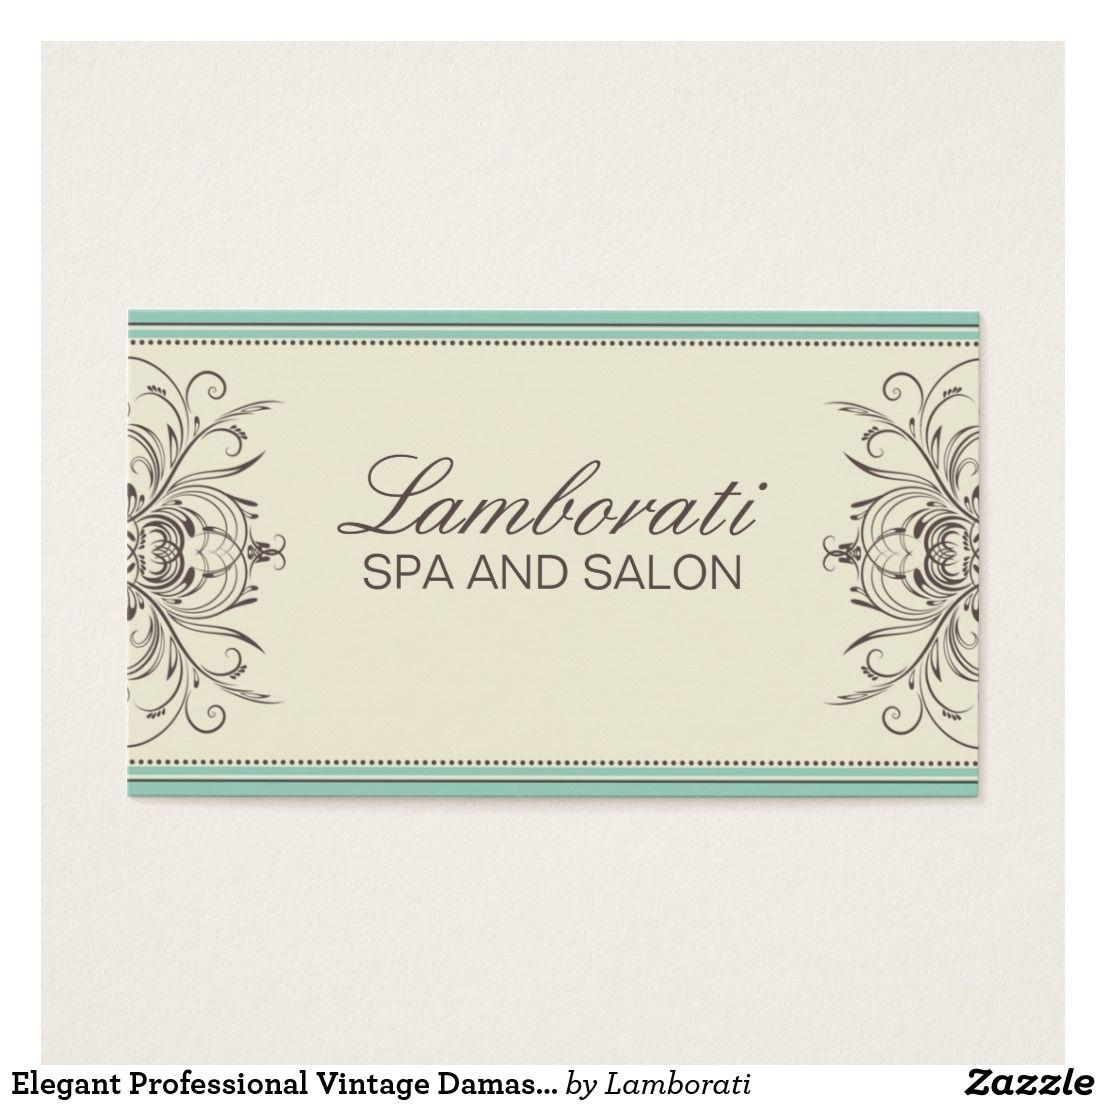 Elegant Professional Vintage Damask Art Deco Business Card ...